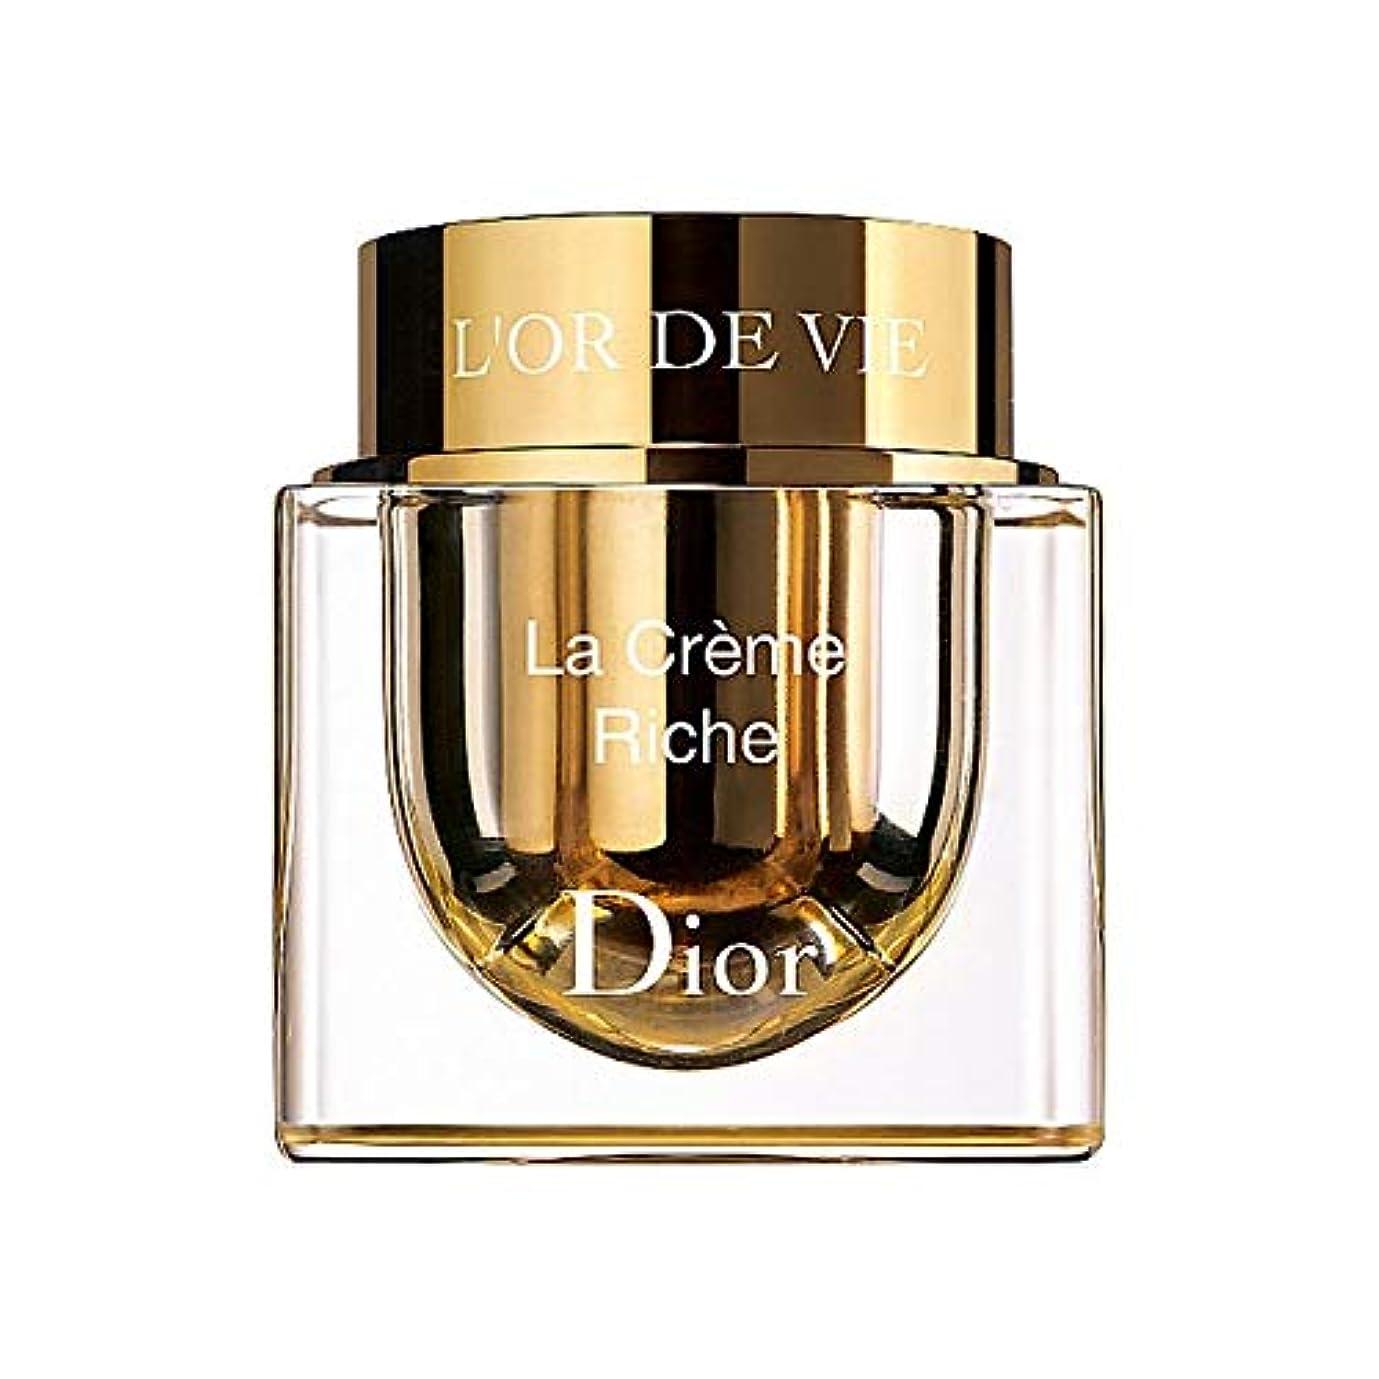 連鎖最近徐々に[Dior] ディオールL'またはデは、詰め替え可能な豊富なラ?クレームを争います - Dior L'Or De Vie La Cr?me Rich Refillable [並行輸入品]